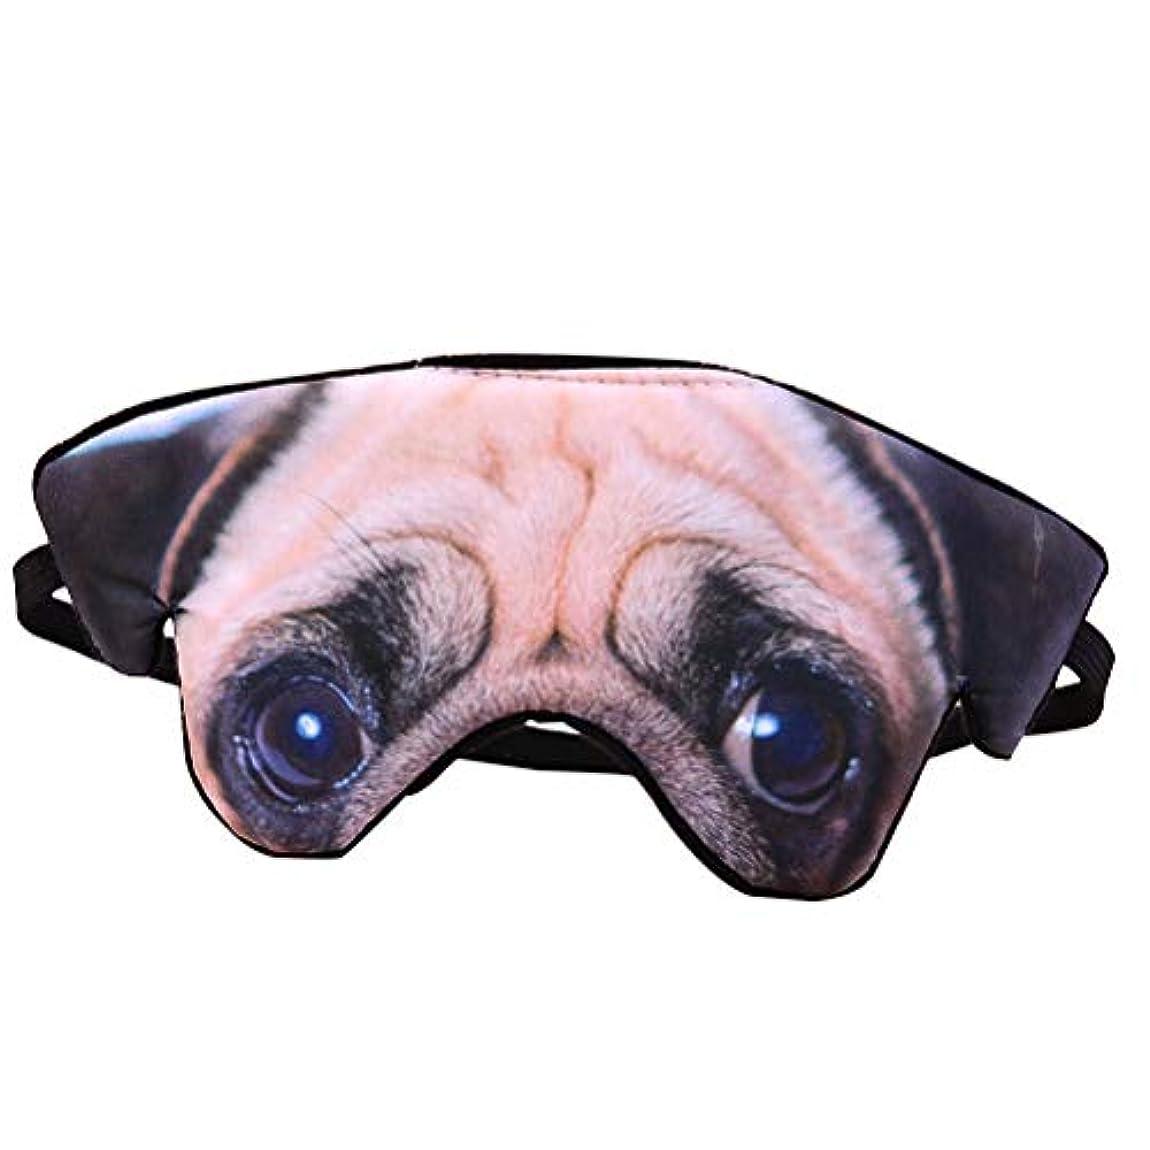 単なる論理的に無意識Healifty 3Dアイマスクシェードナップカバー目隠しレストエイド疲労アイパッドスリープゴーグル(Pug)